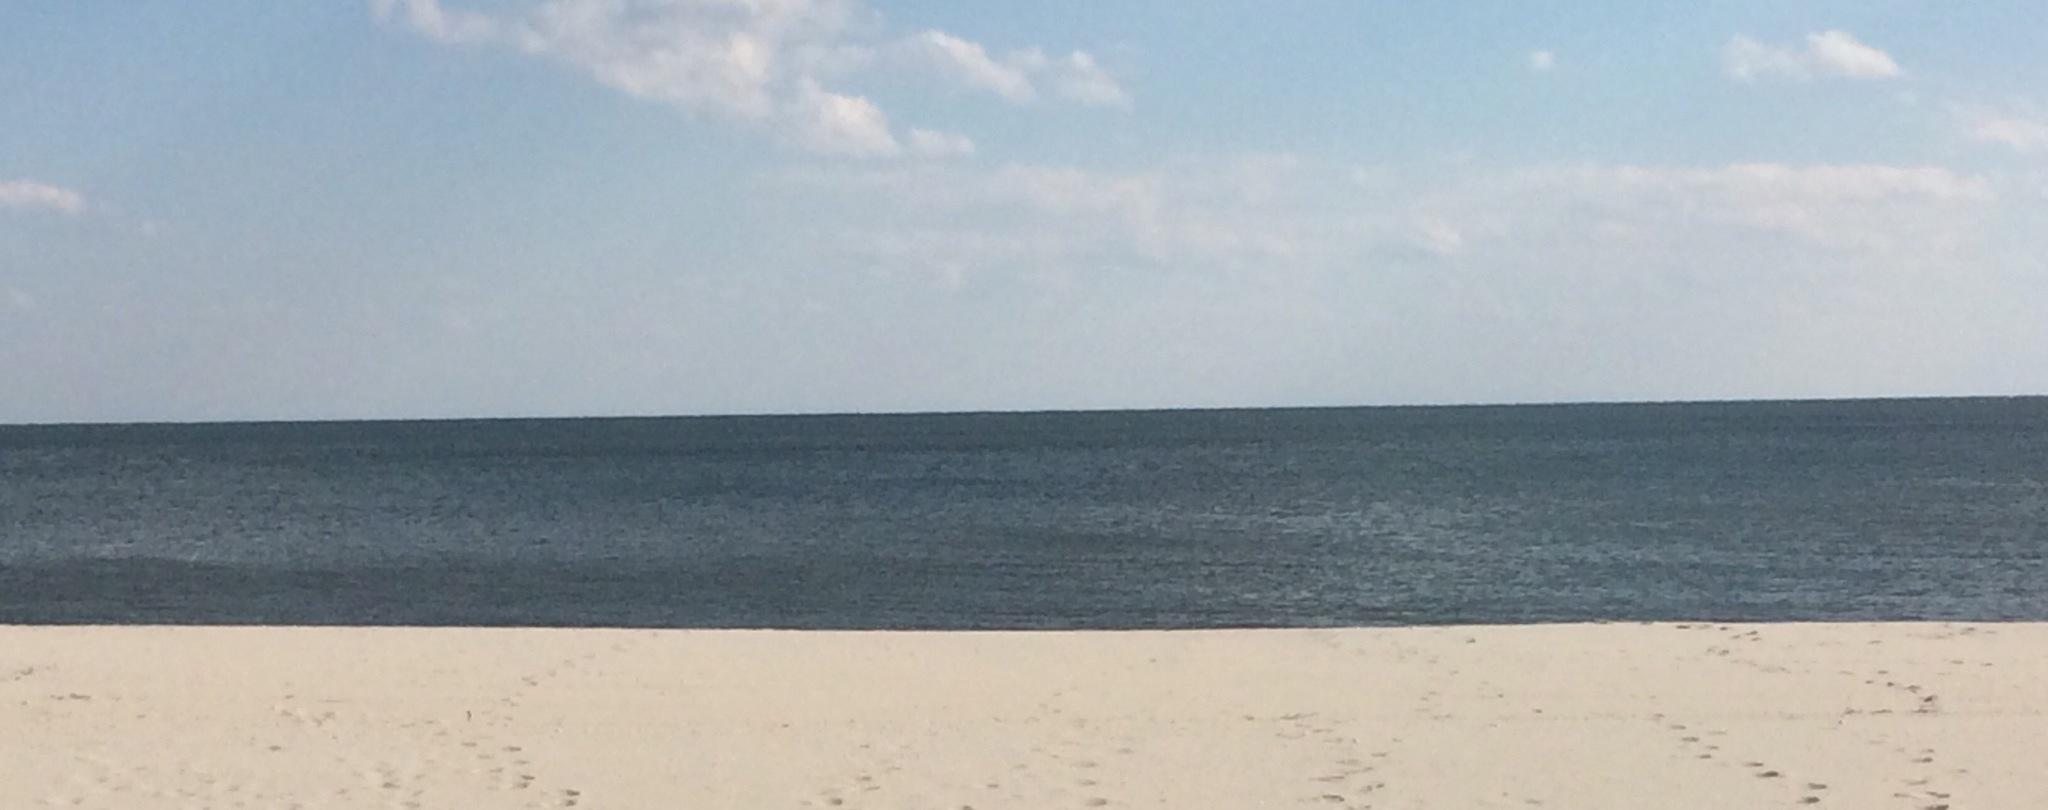 Beach photo cropped.jpg